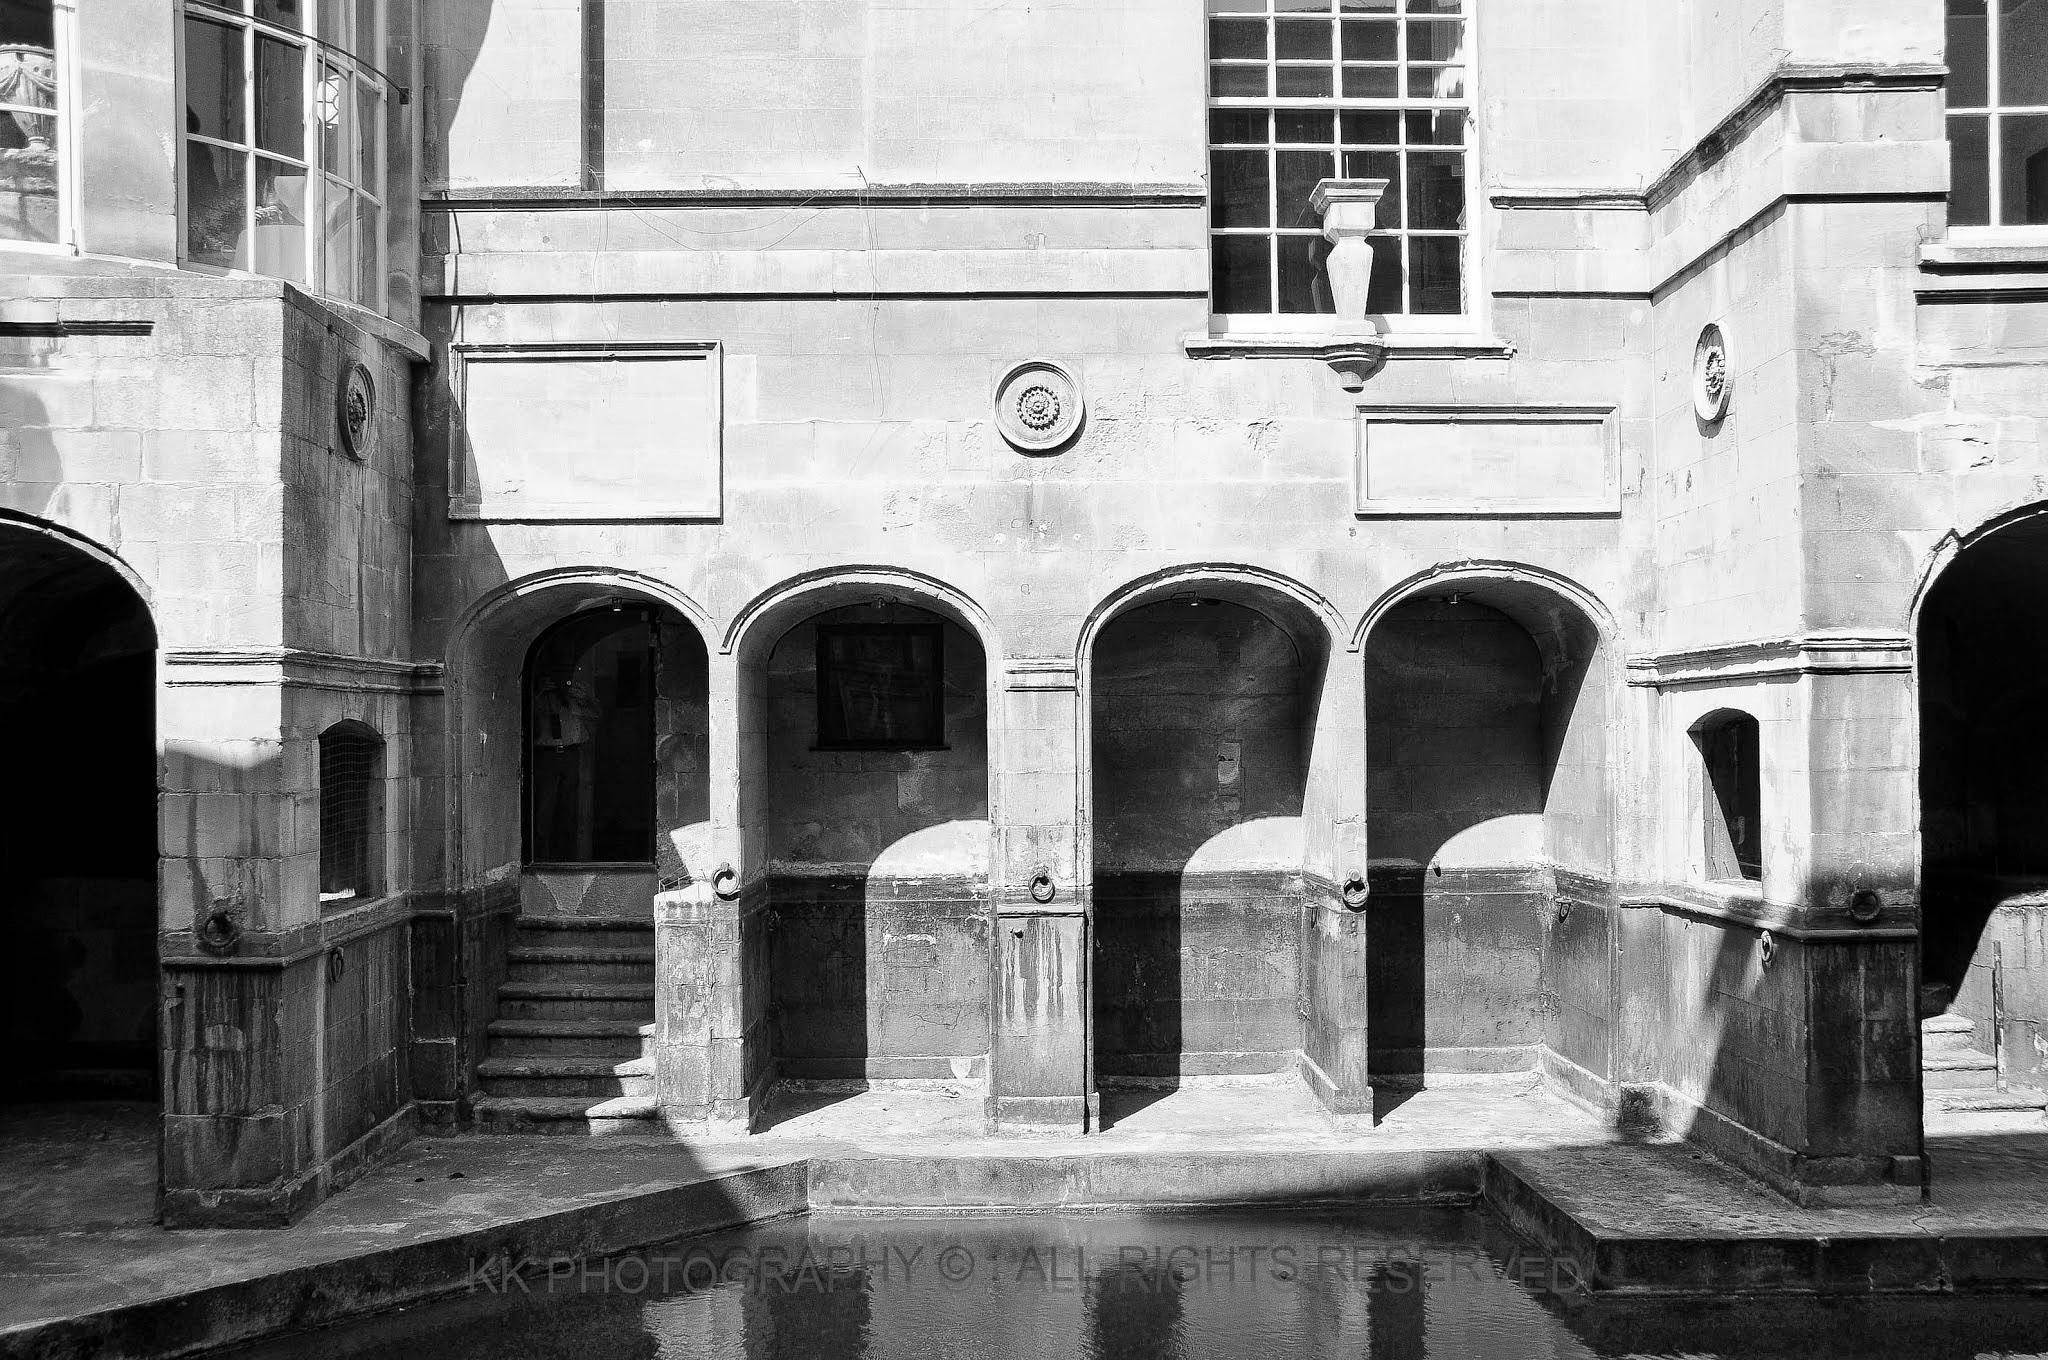 Roman baths  by kkphotography4